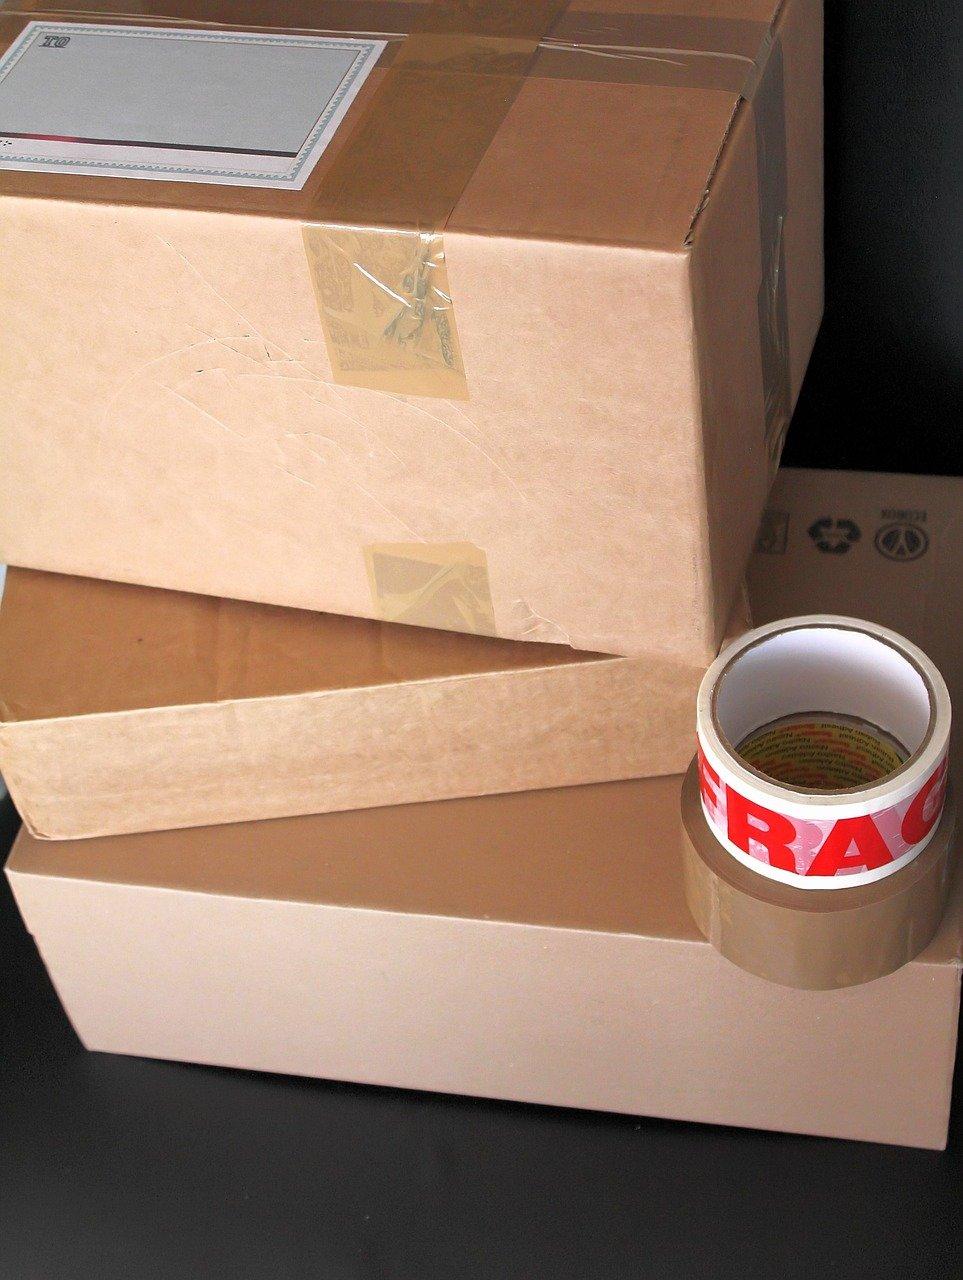 Czym jest przesyłka pobraniowa?